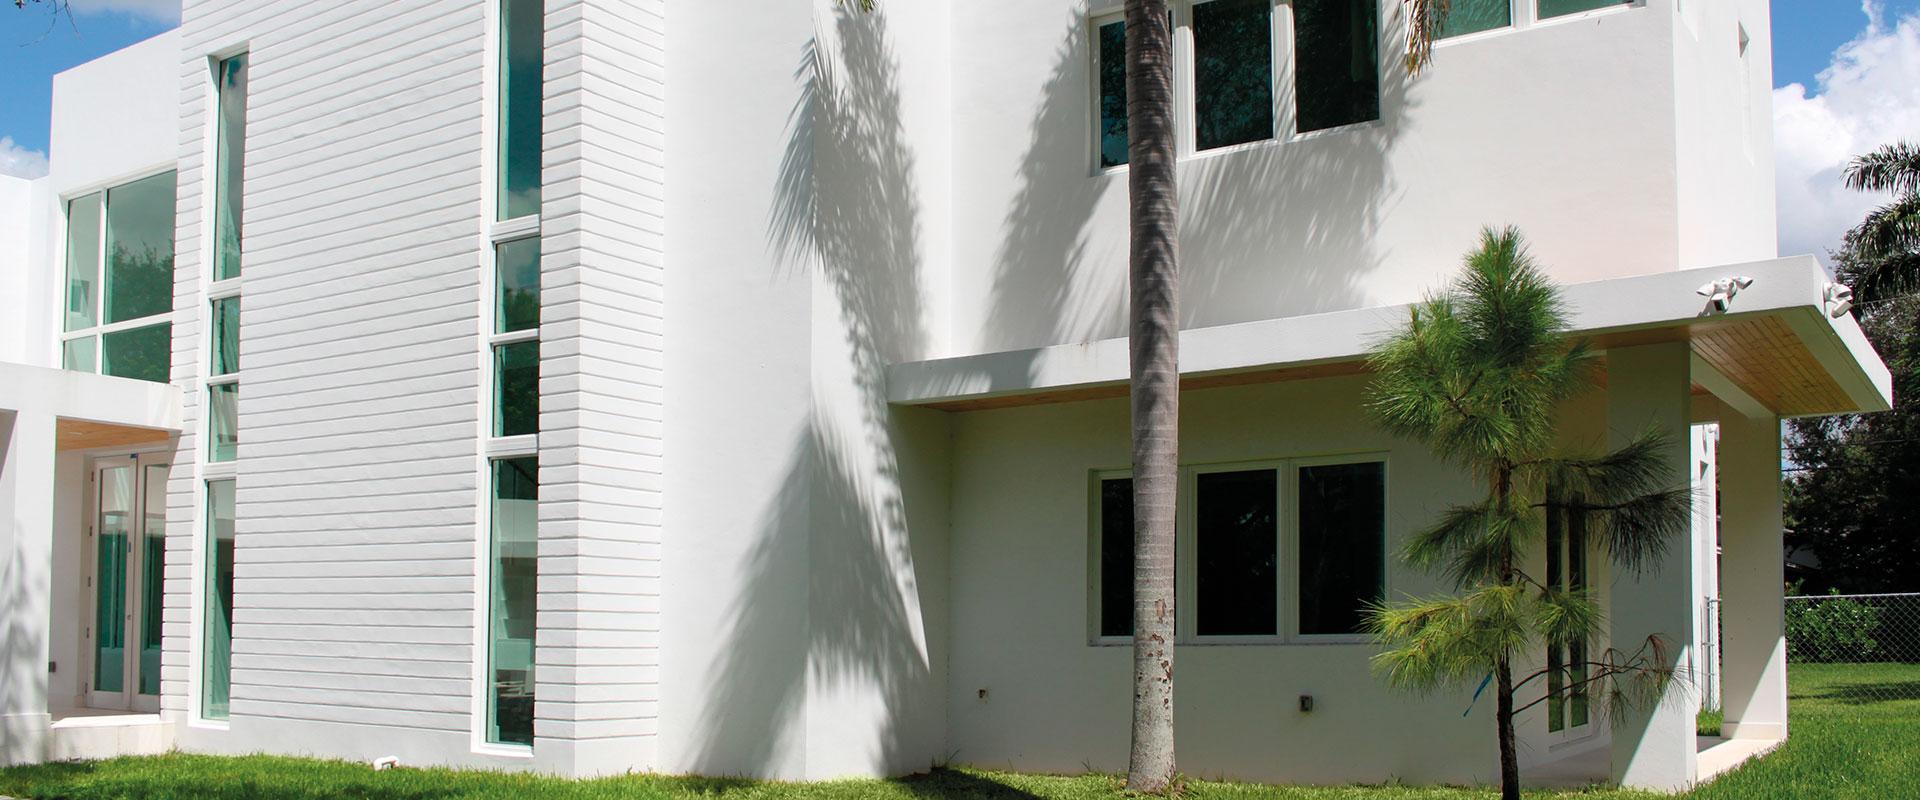 AGGLOTECH-progetto-villa-miami-slider-1